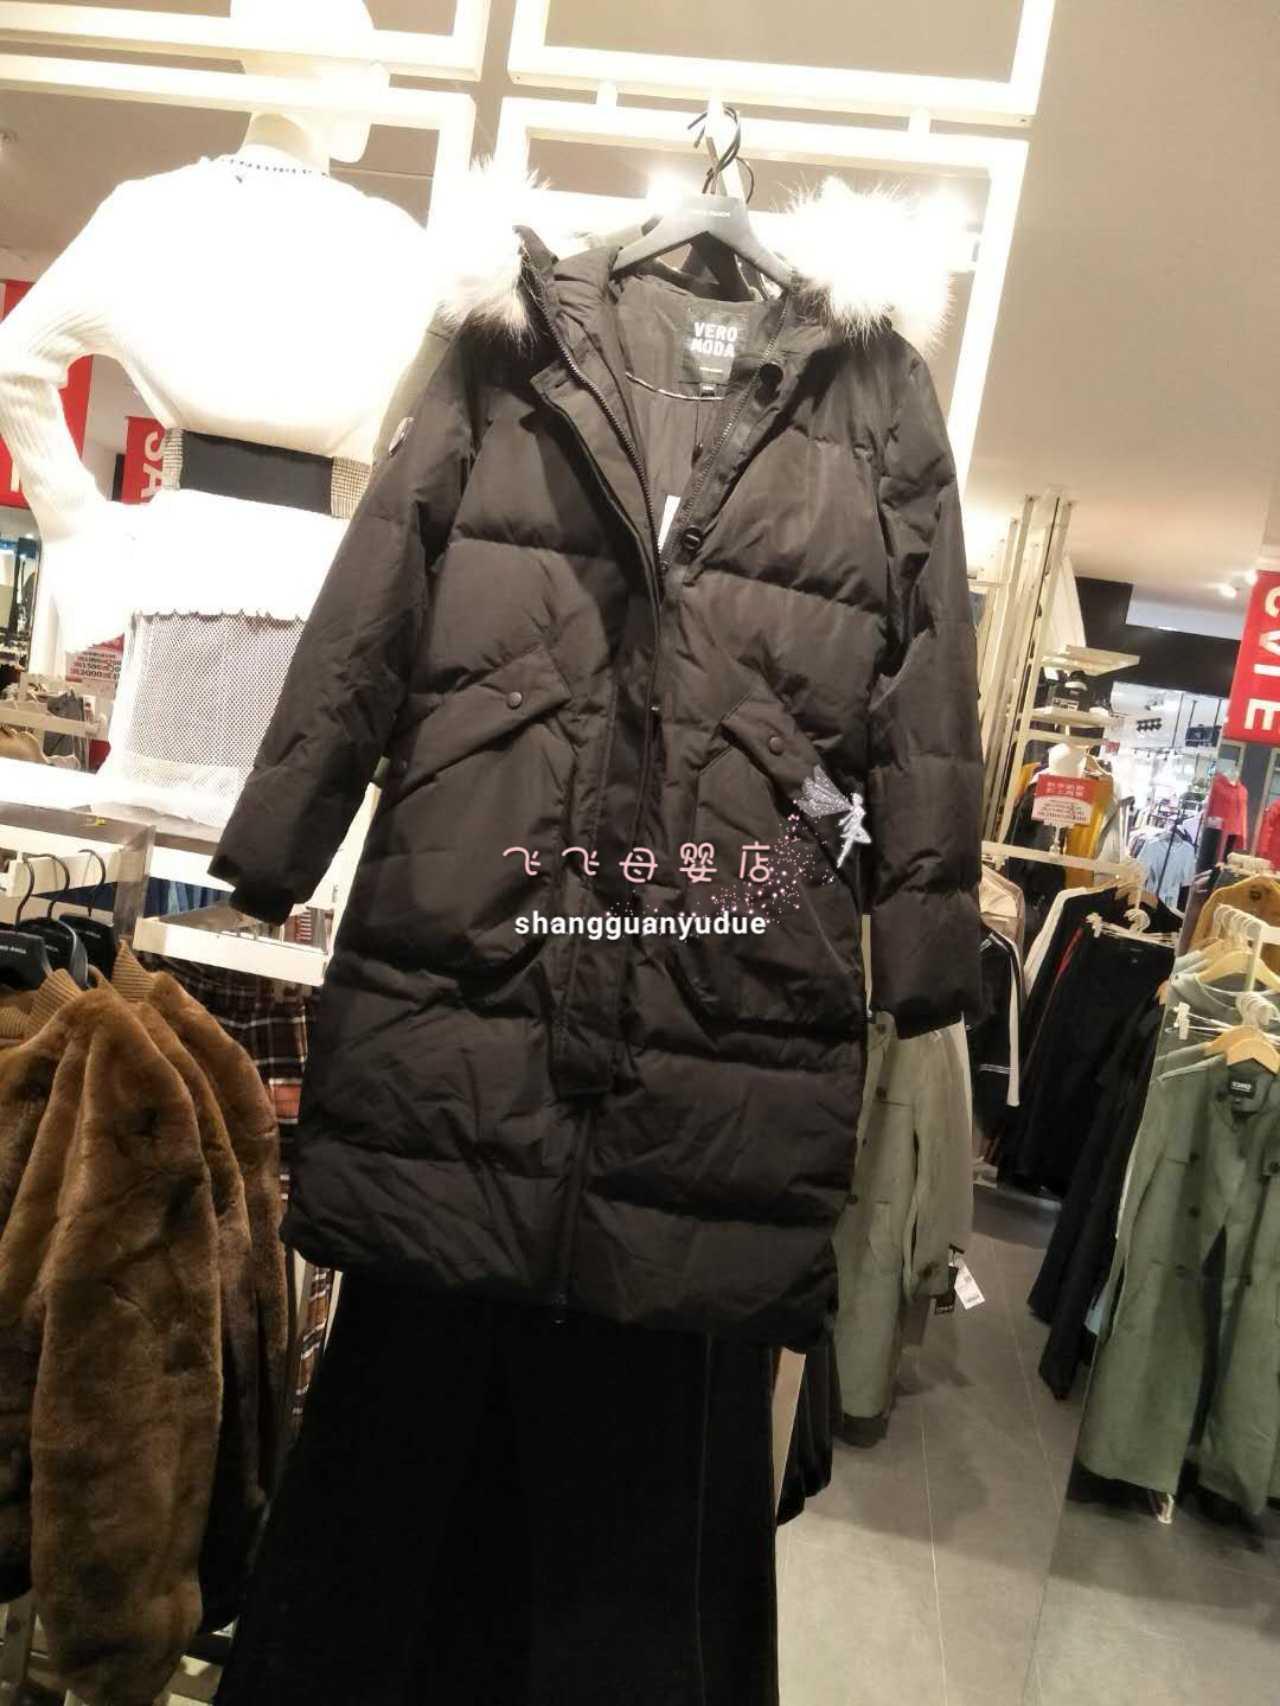 年冬季长款羽绒服女装  鸭鸭羽绒服女 317412519 黑色新款白鸭绒 2018